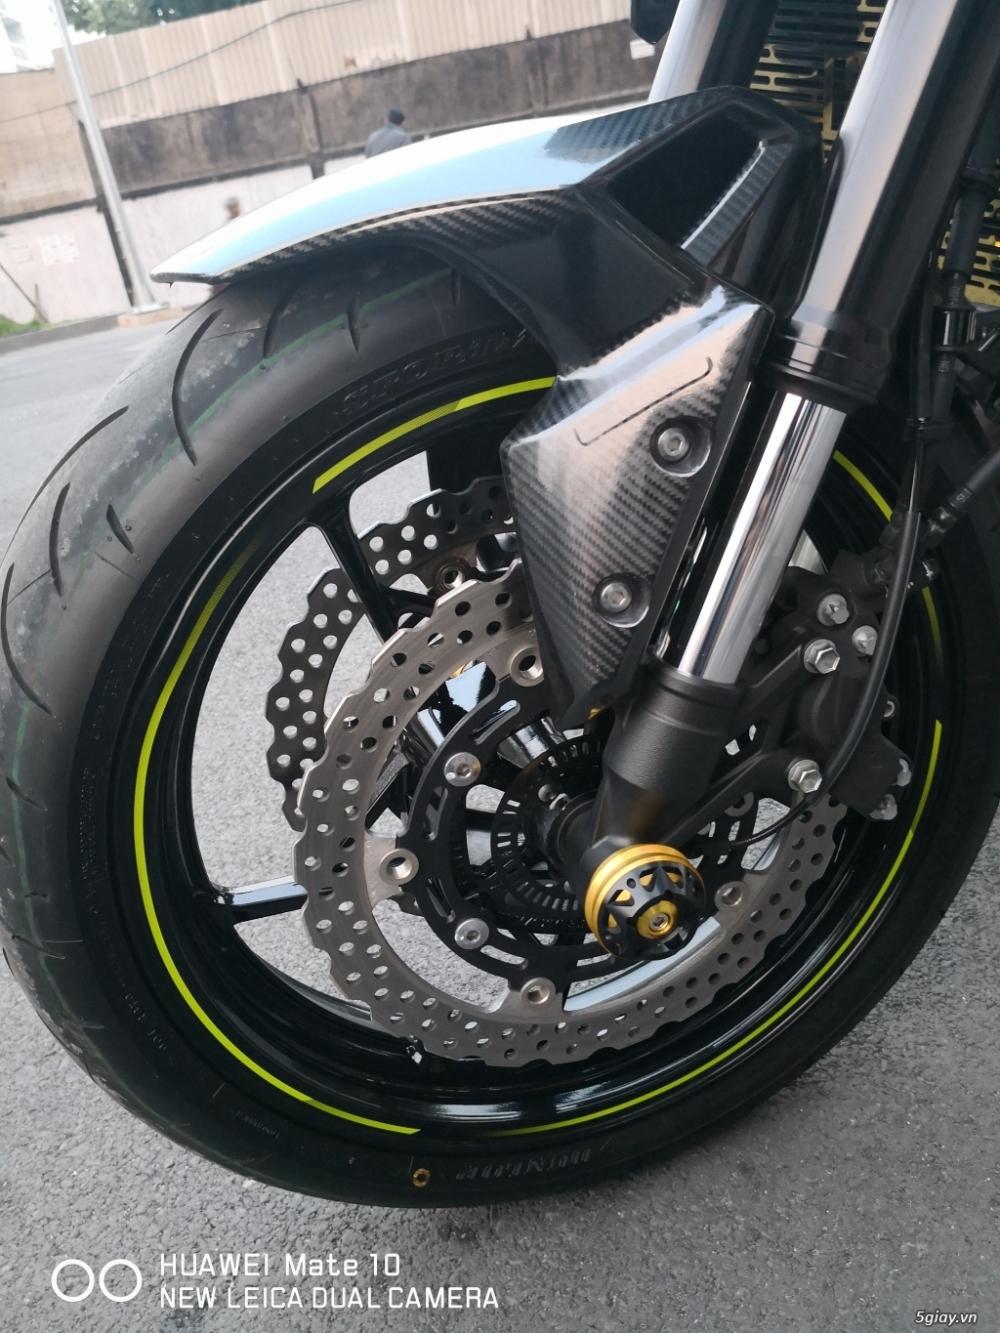 Kawasaki Z900 Bien So Dep Nhat Sai Gon - 8